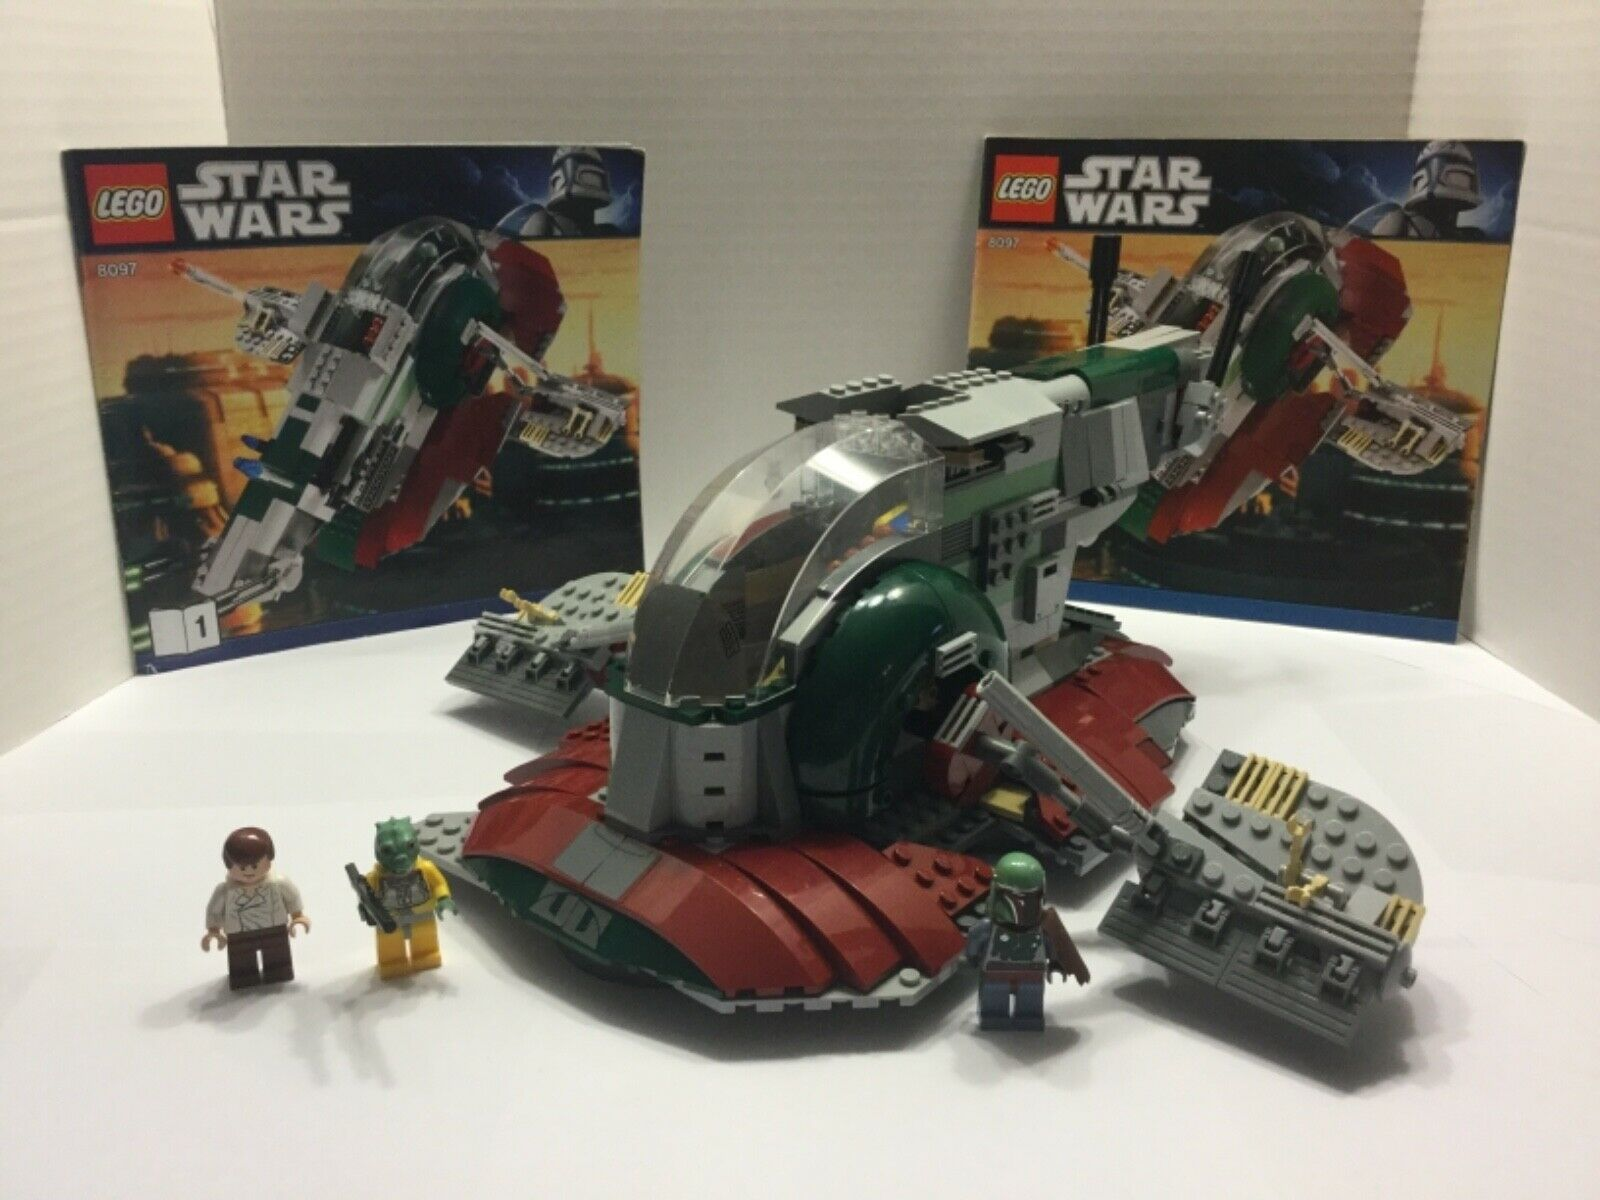 Lego Star Wars Slave I  8097 100% complet avec minifigs et manuels